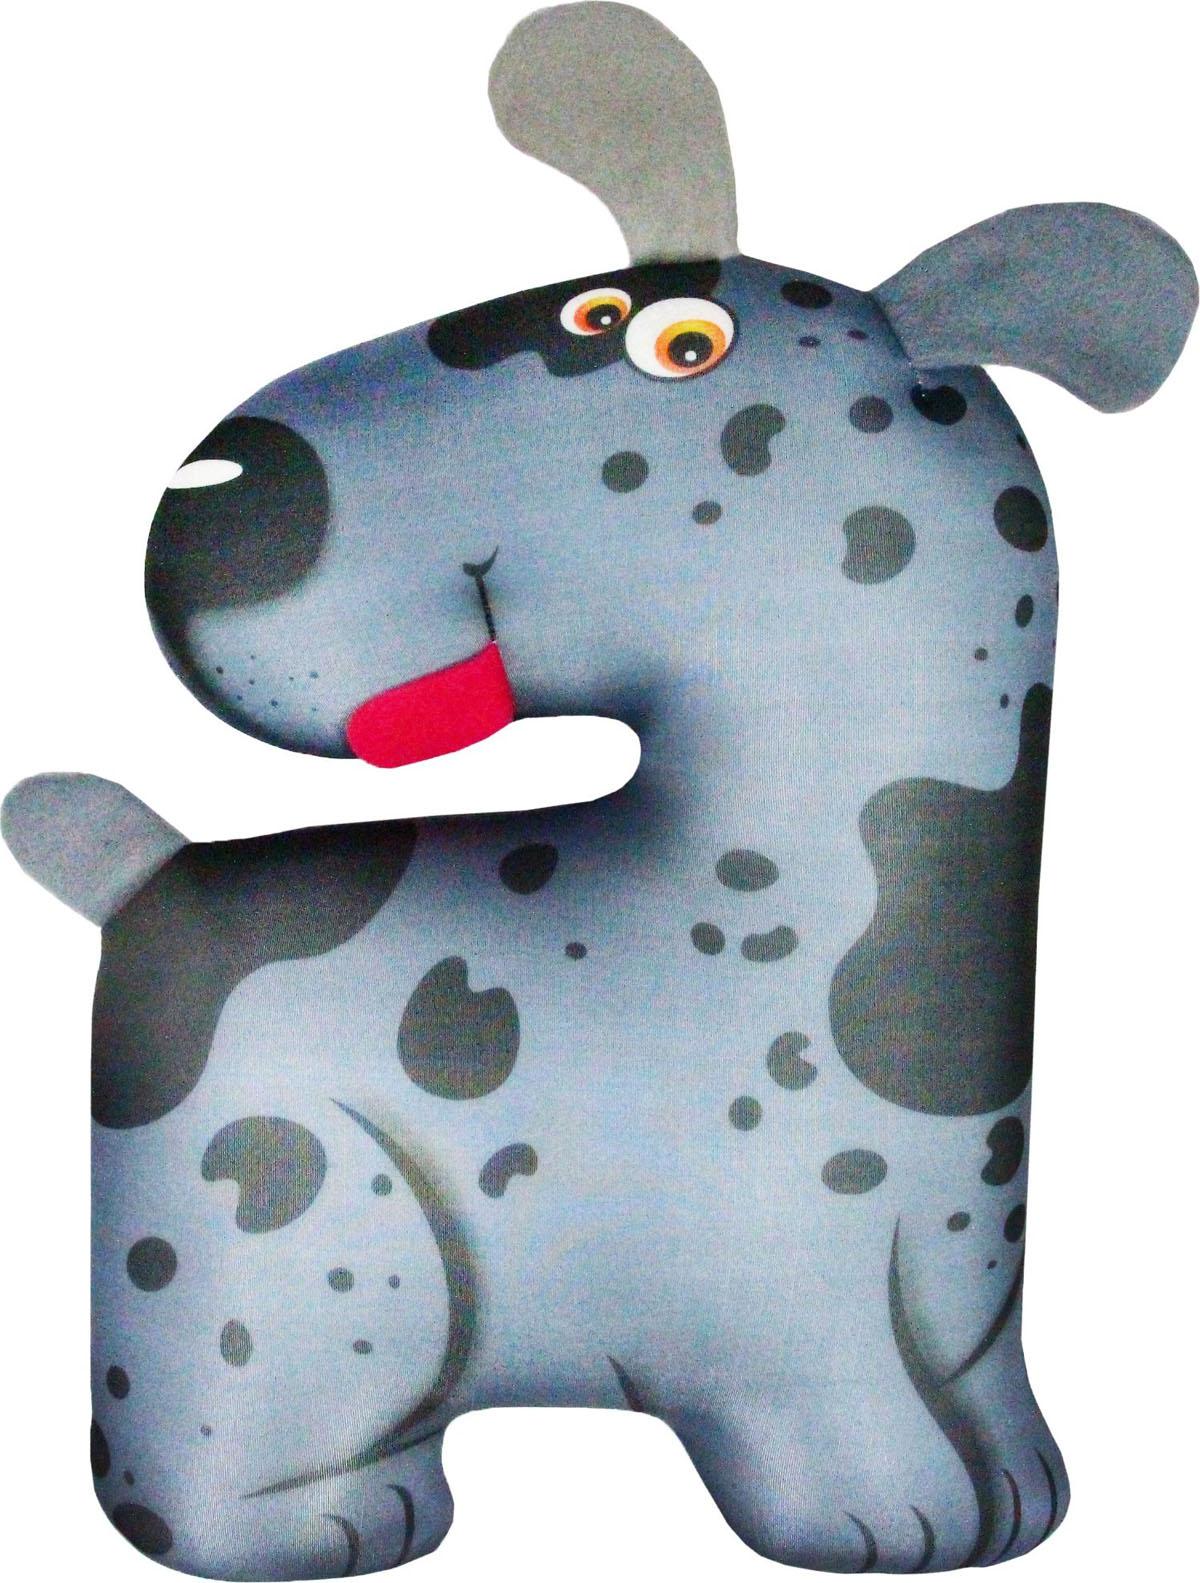 Подушка для шеи Штучки, к которым тянутся ручки Антистрессовая игрушка-турист Пятнышко, темно-серый штучки к которым тянутся ручки подушка игрушка антистрессовая царевна лягушка